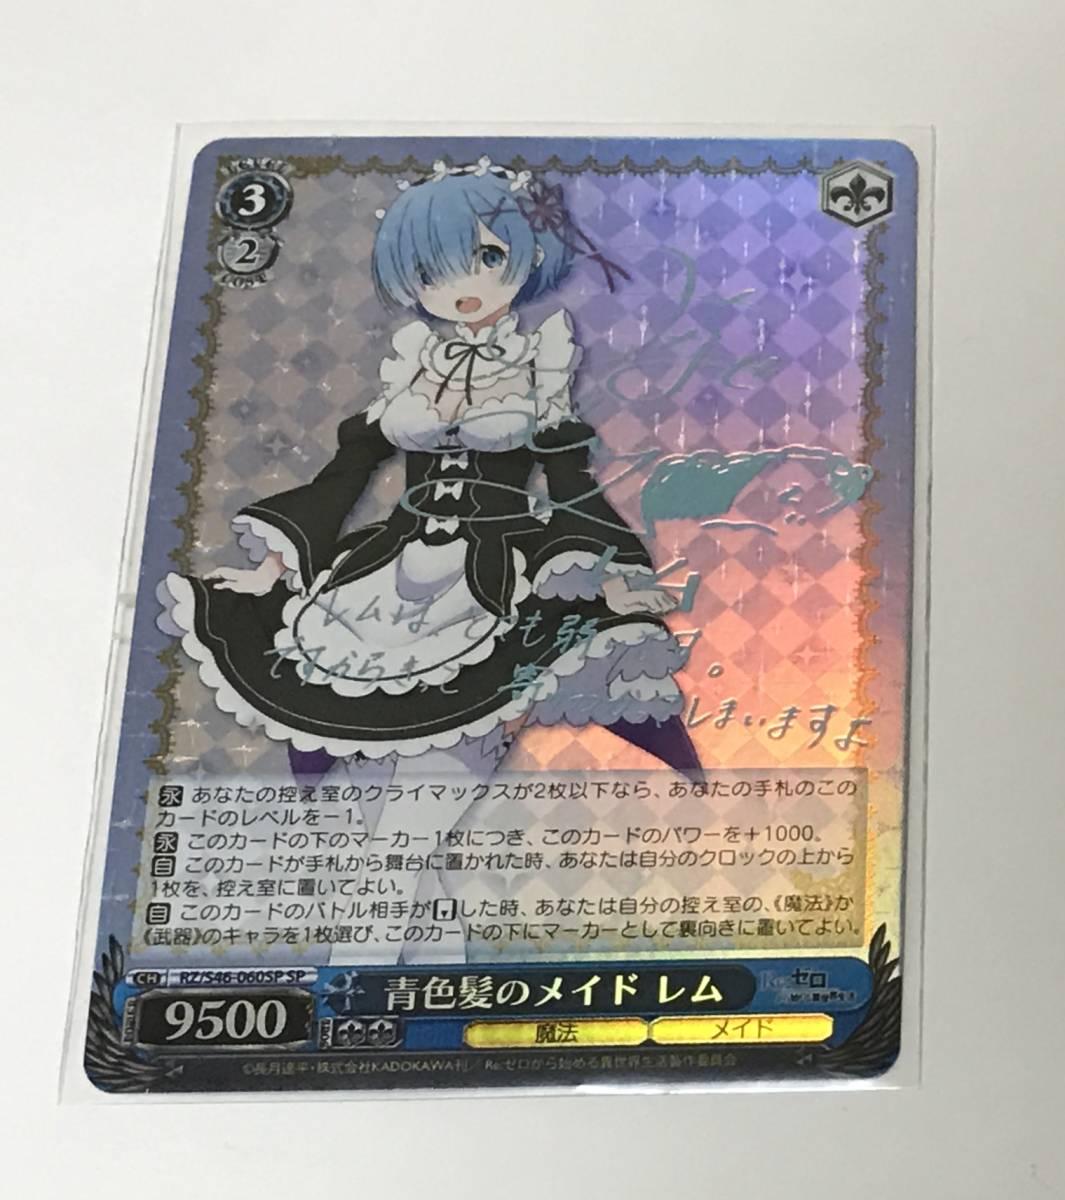 希少 ヴァイスシュバルツ Re:ゼロから始める異世界生活 SP 青色髪のメイド レム サイン入り 1円スタート